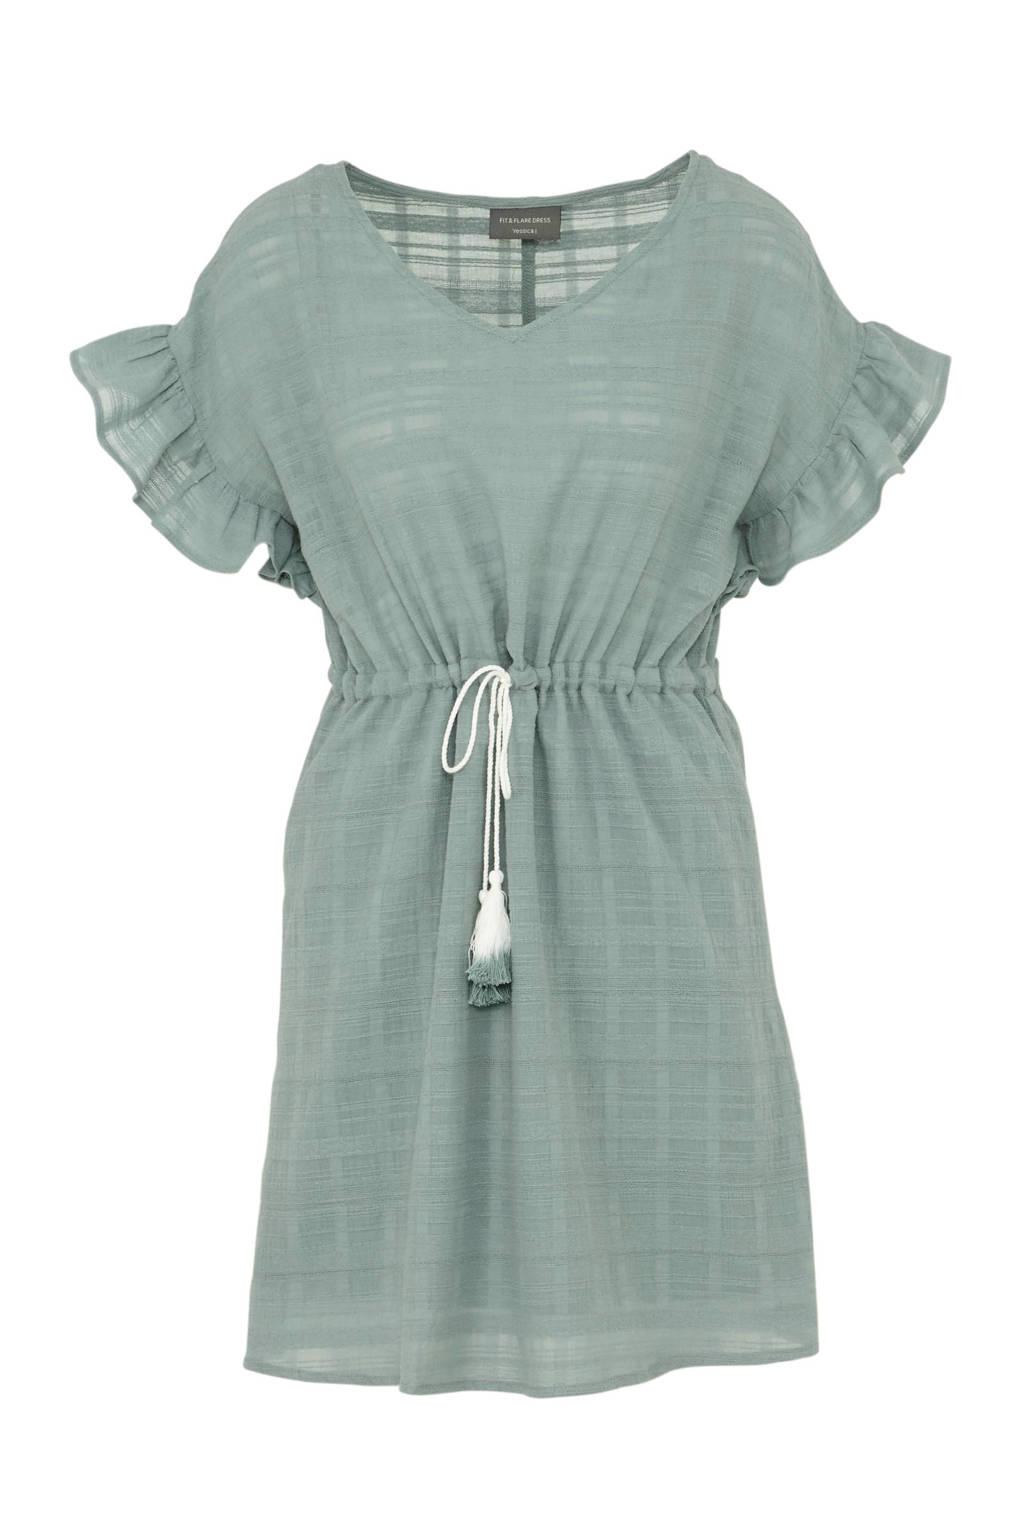 C&A Yessica jurk mintgroen, Mintgroen